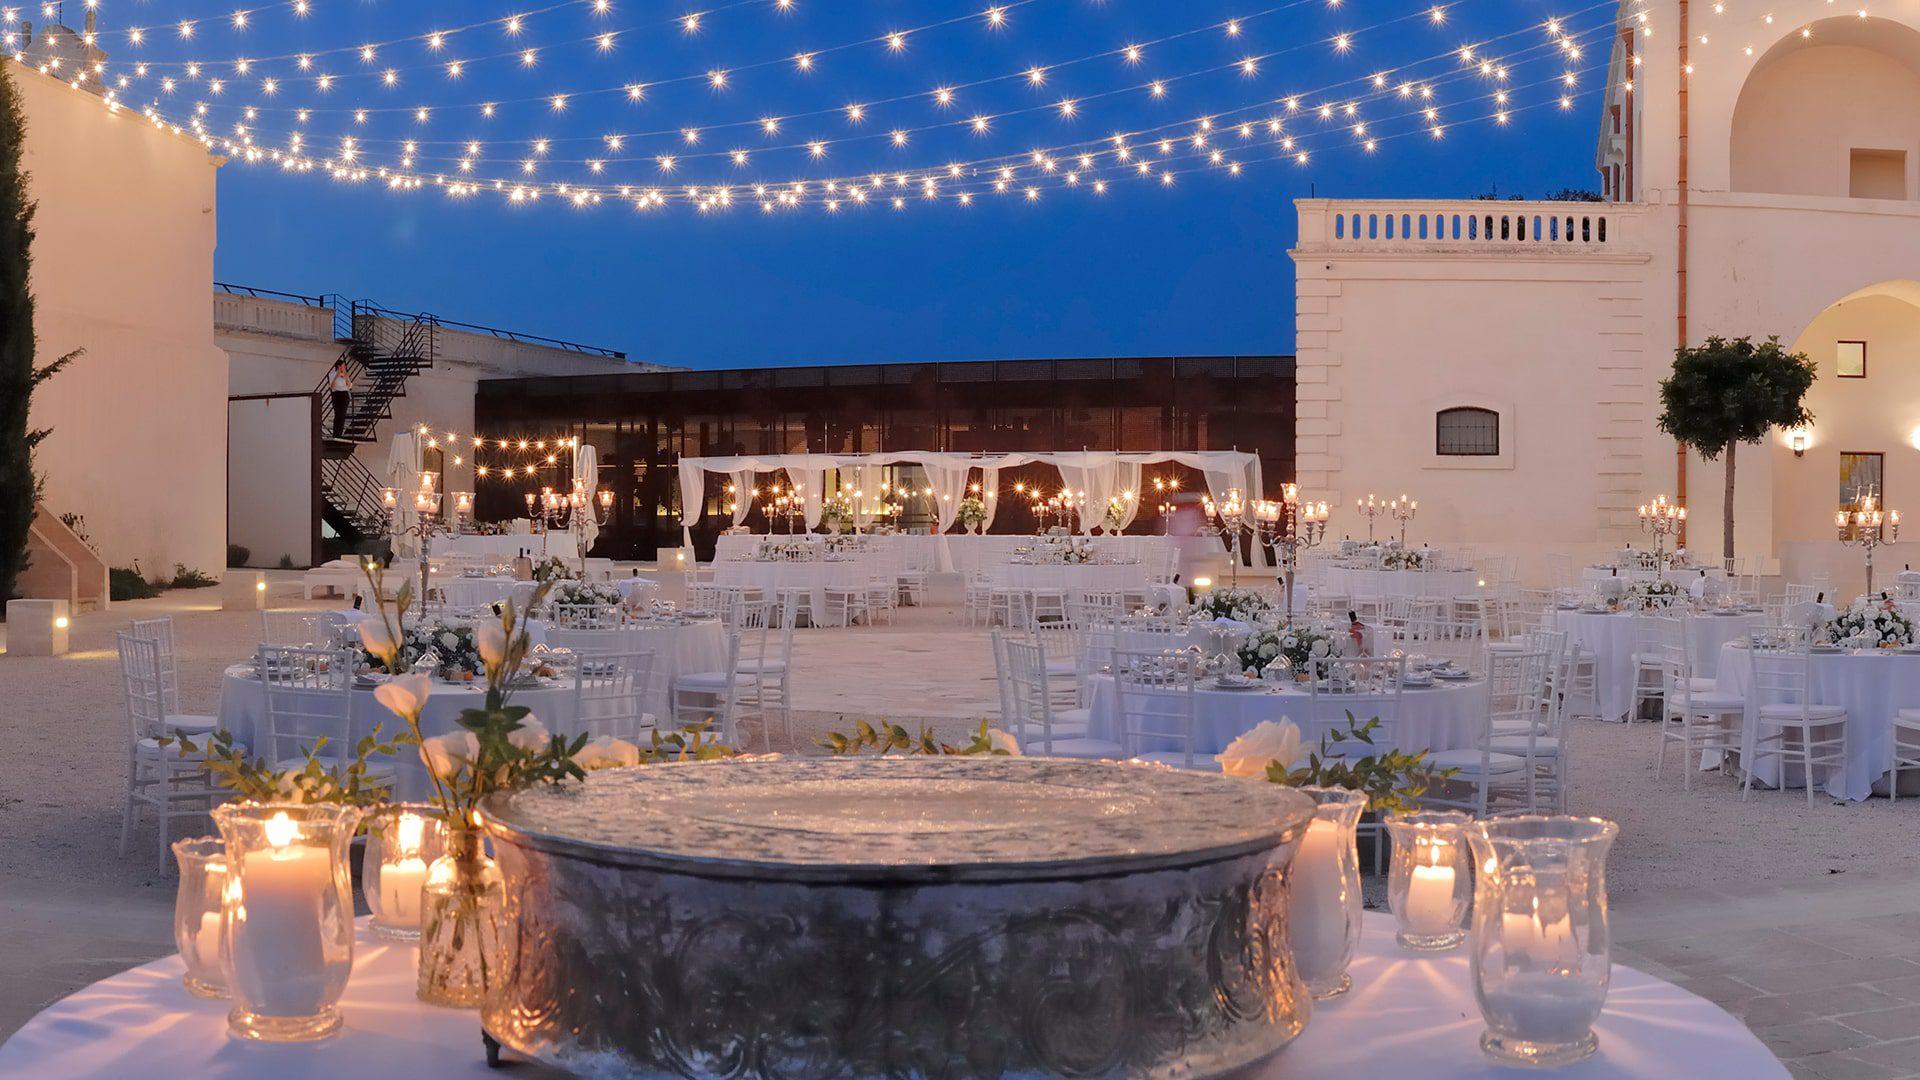 Matrimonio in Puglia: una festa da favola nell'unica masseria con 2700 anni di storia